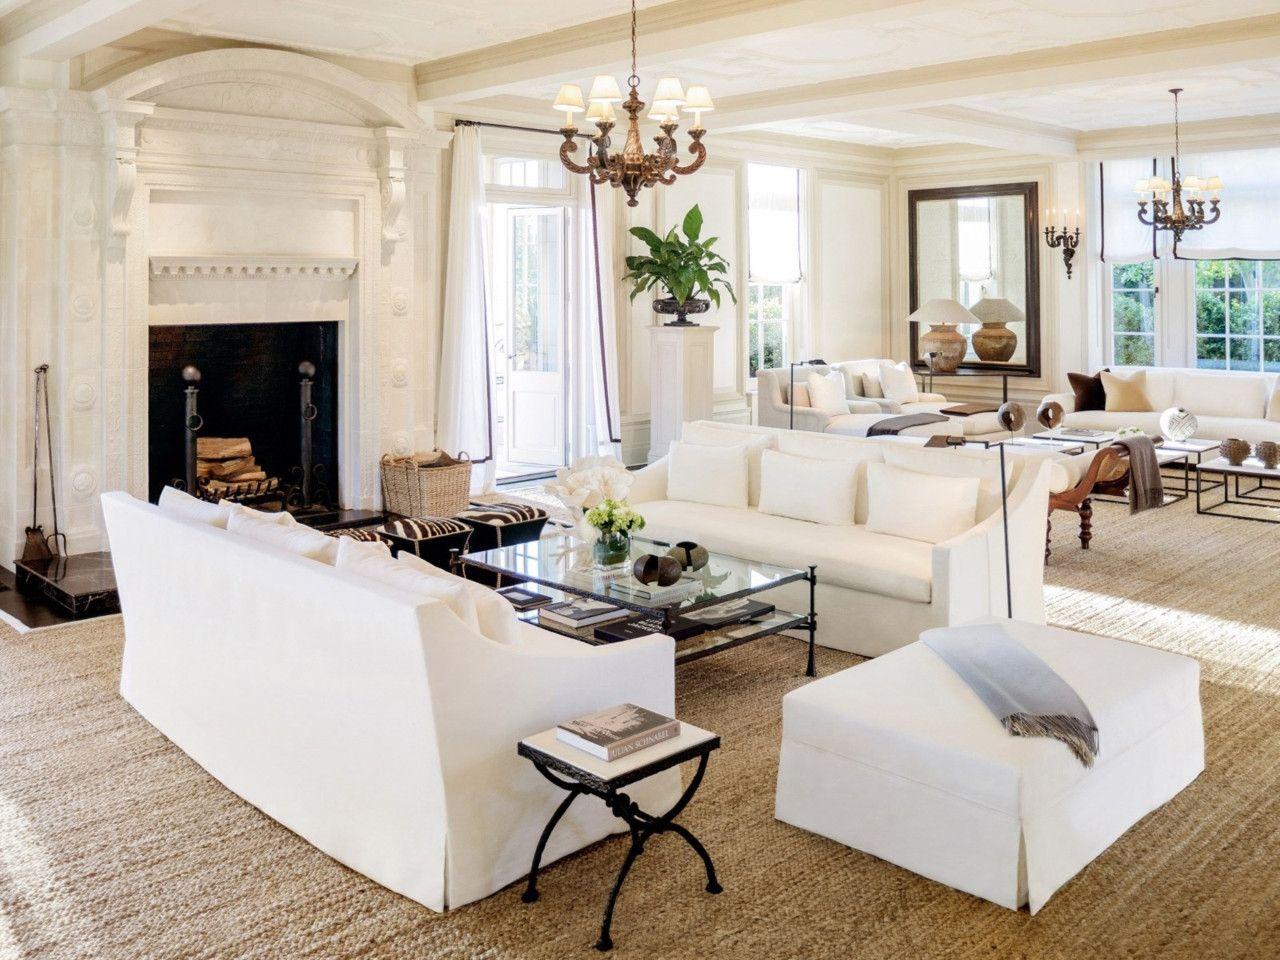 Dream home for sale: the Hamptons, New York | Vogue living, Living ...